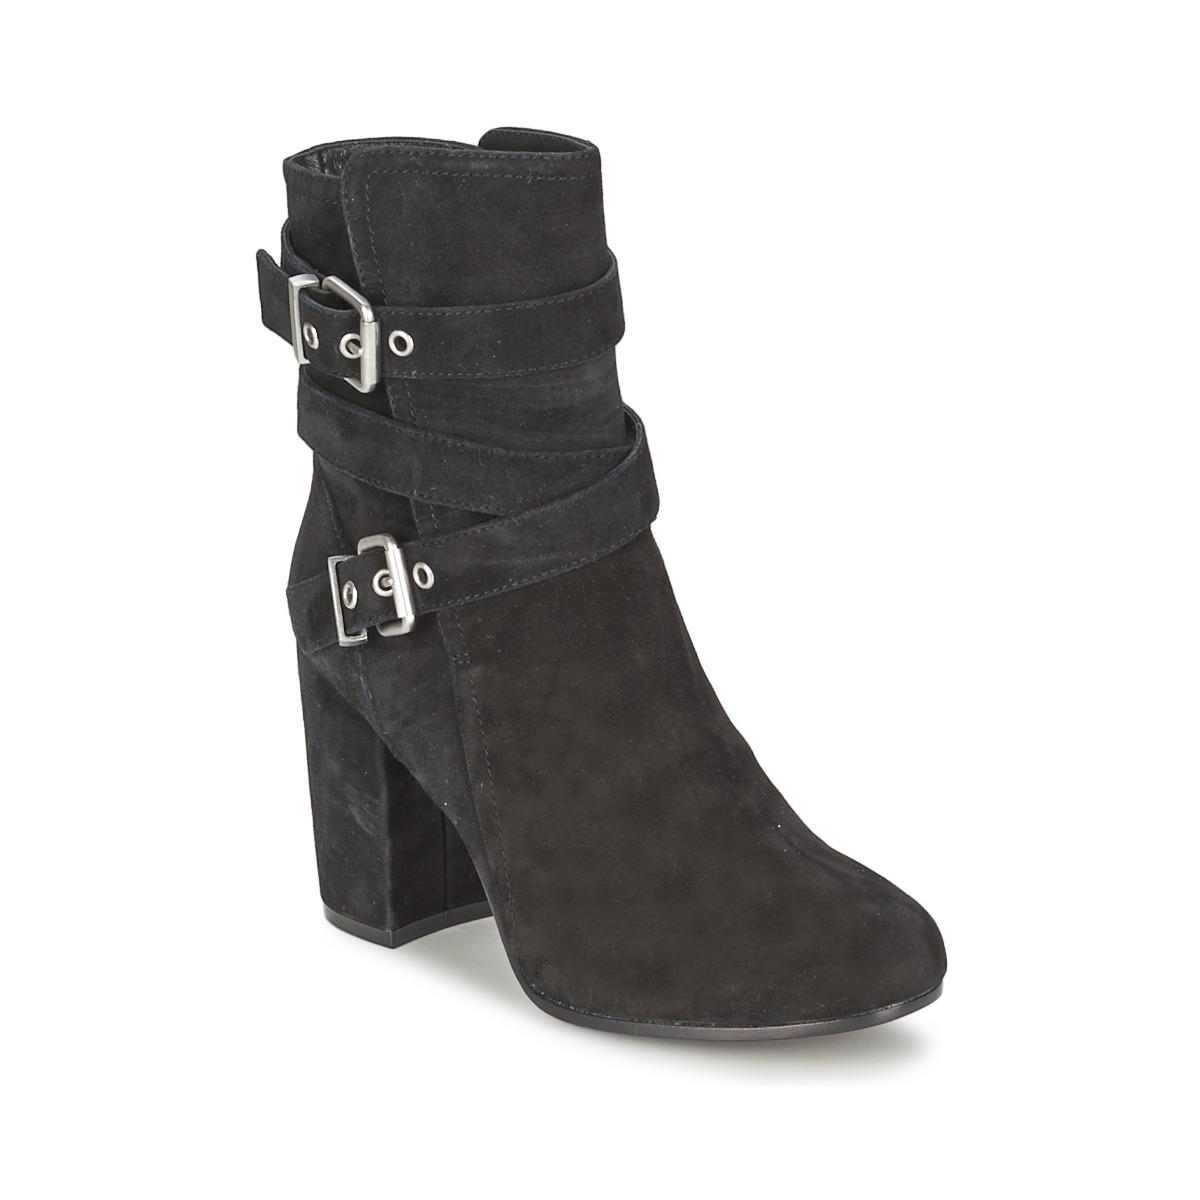 Ash FARGO Schwarz - Kostenloser Versand bei Spartoode ! - Schuhe Low Boots Damen 119,50 €